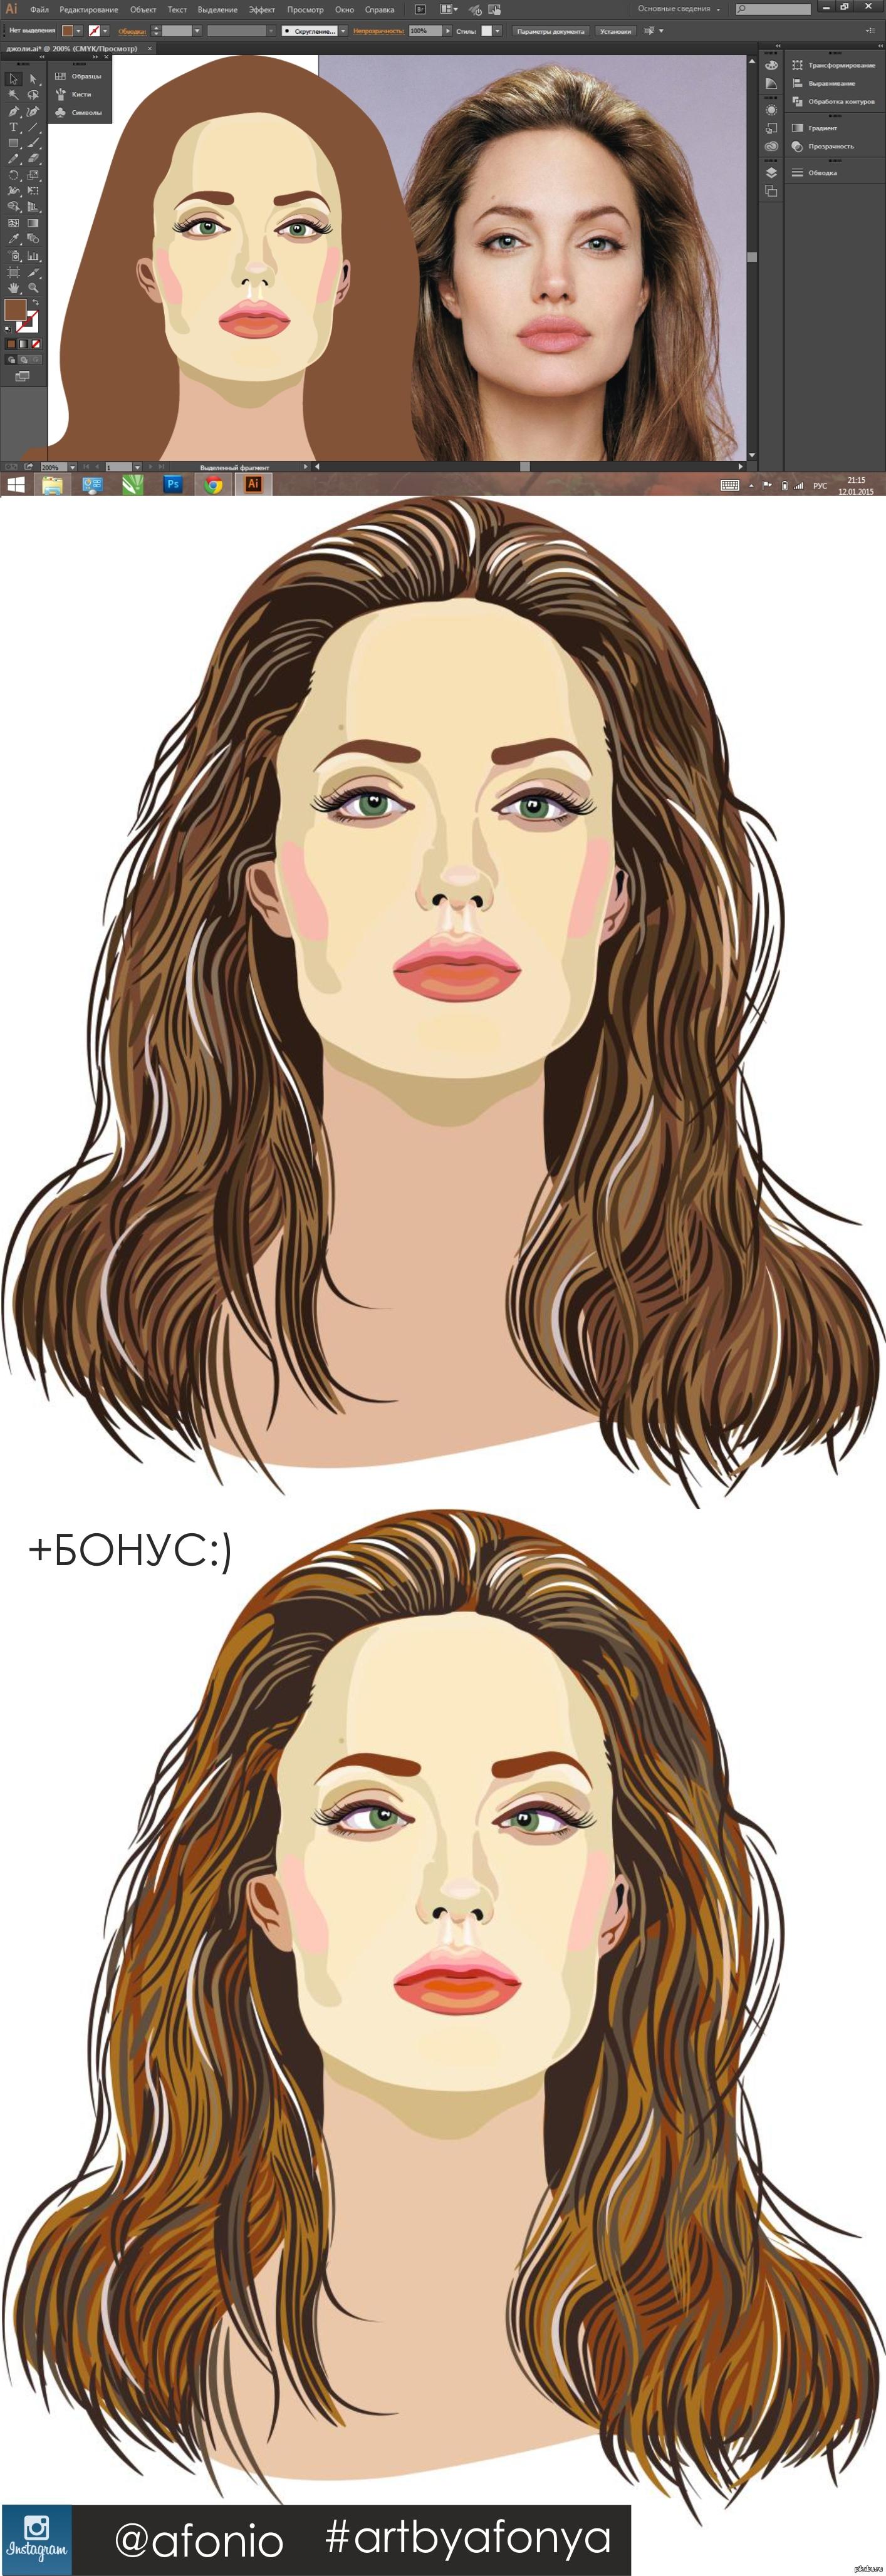 Как сделать векторный портрет в фотошопе